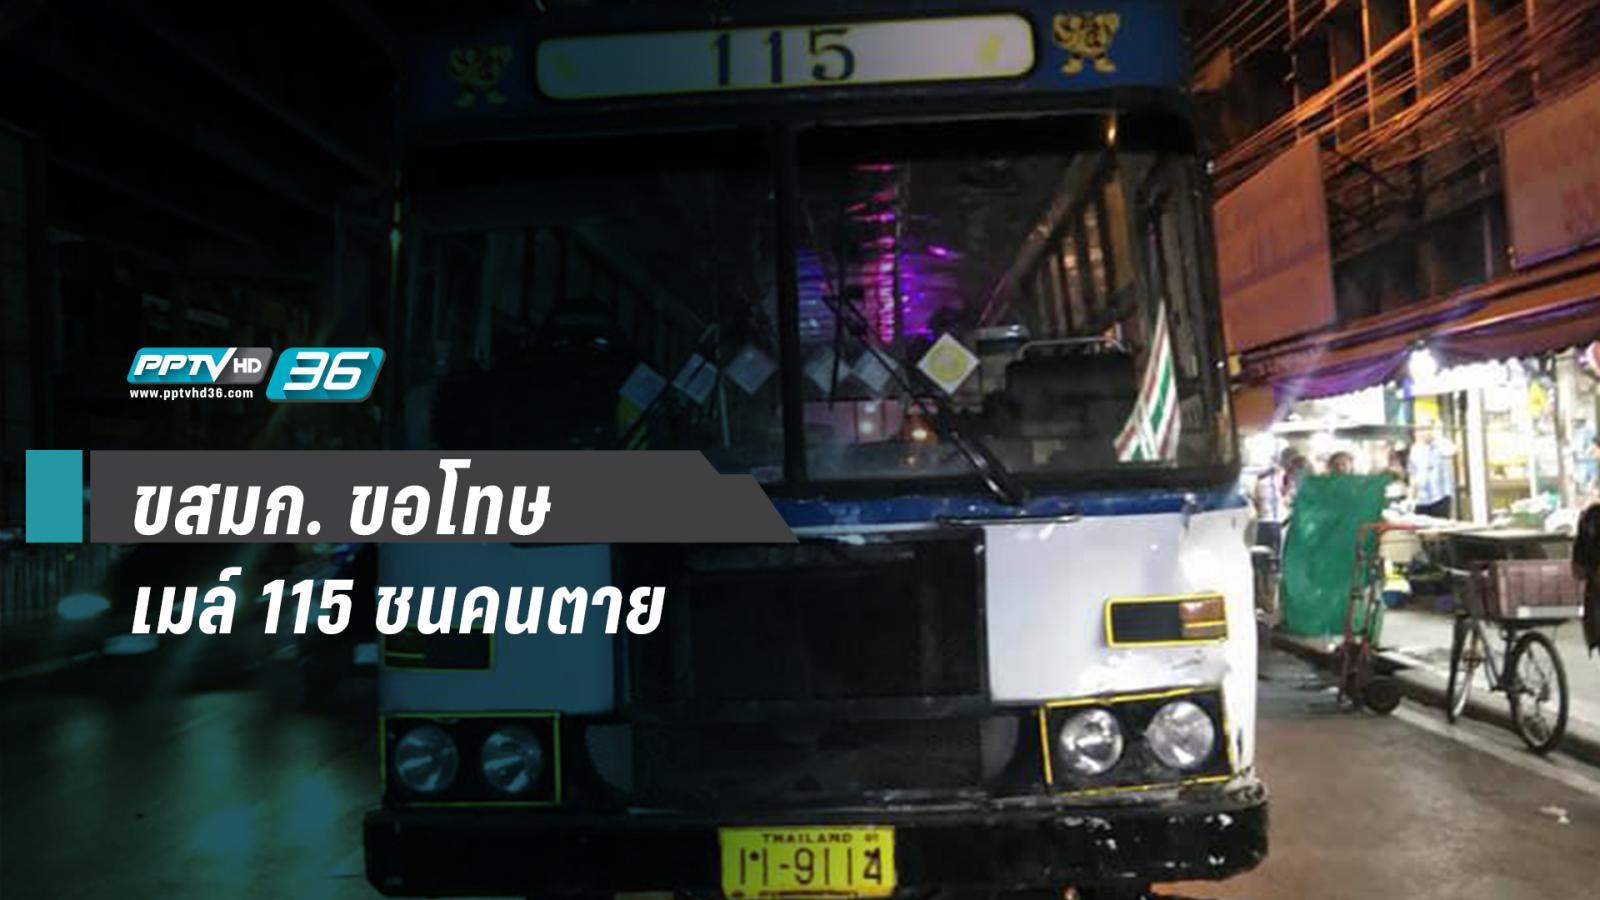 ขสมก. ขอโทษ หลังรถเมล์ สาย115 ชนคนตาย